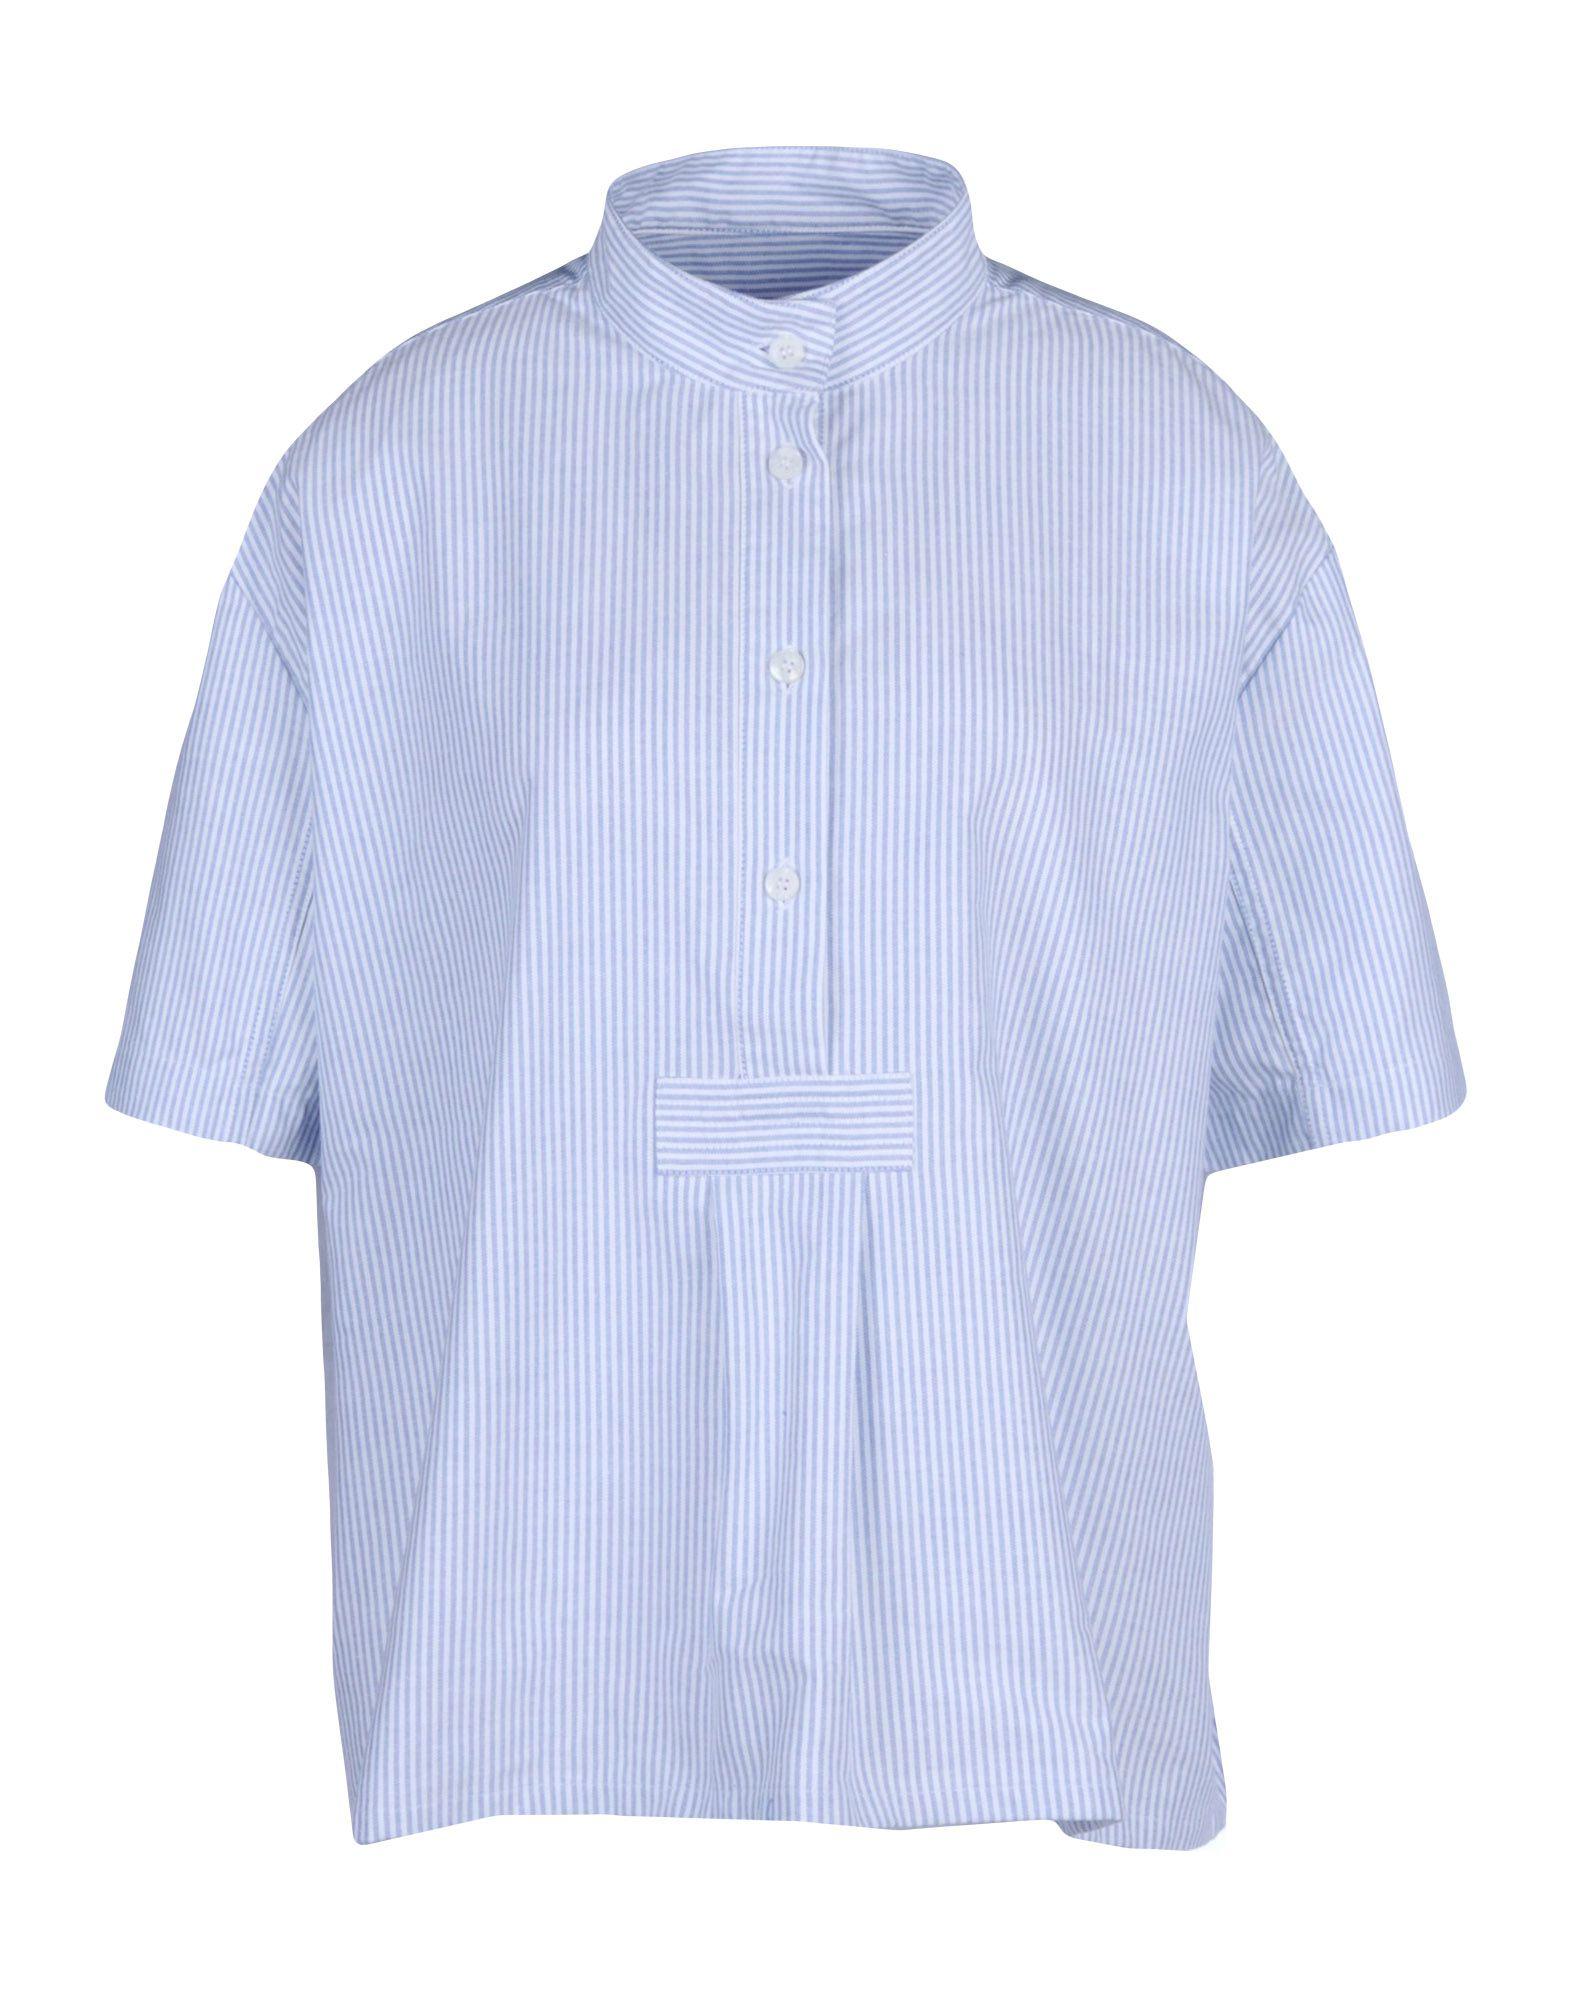 THE SLEEP SHIRT Sleepwear in Sky Blue